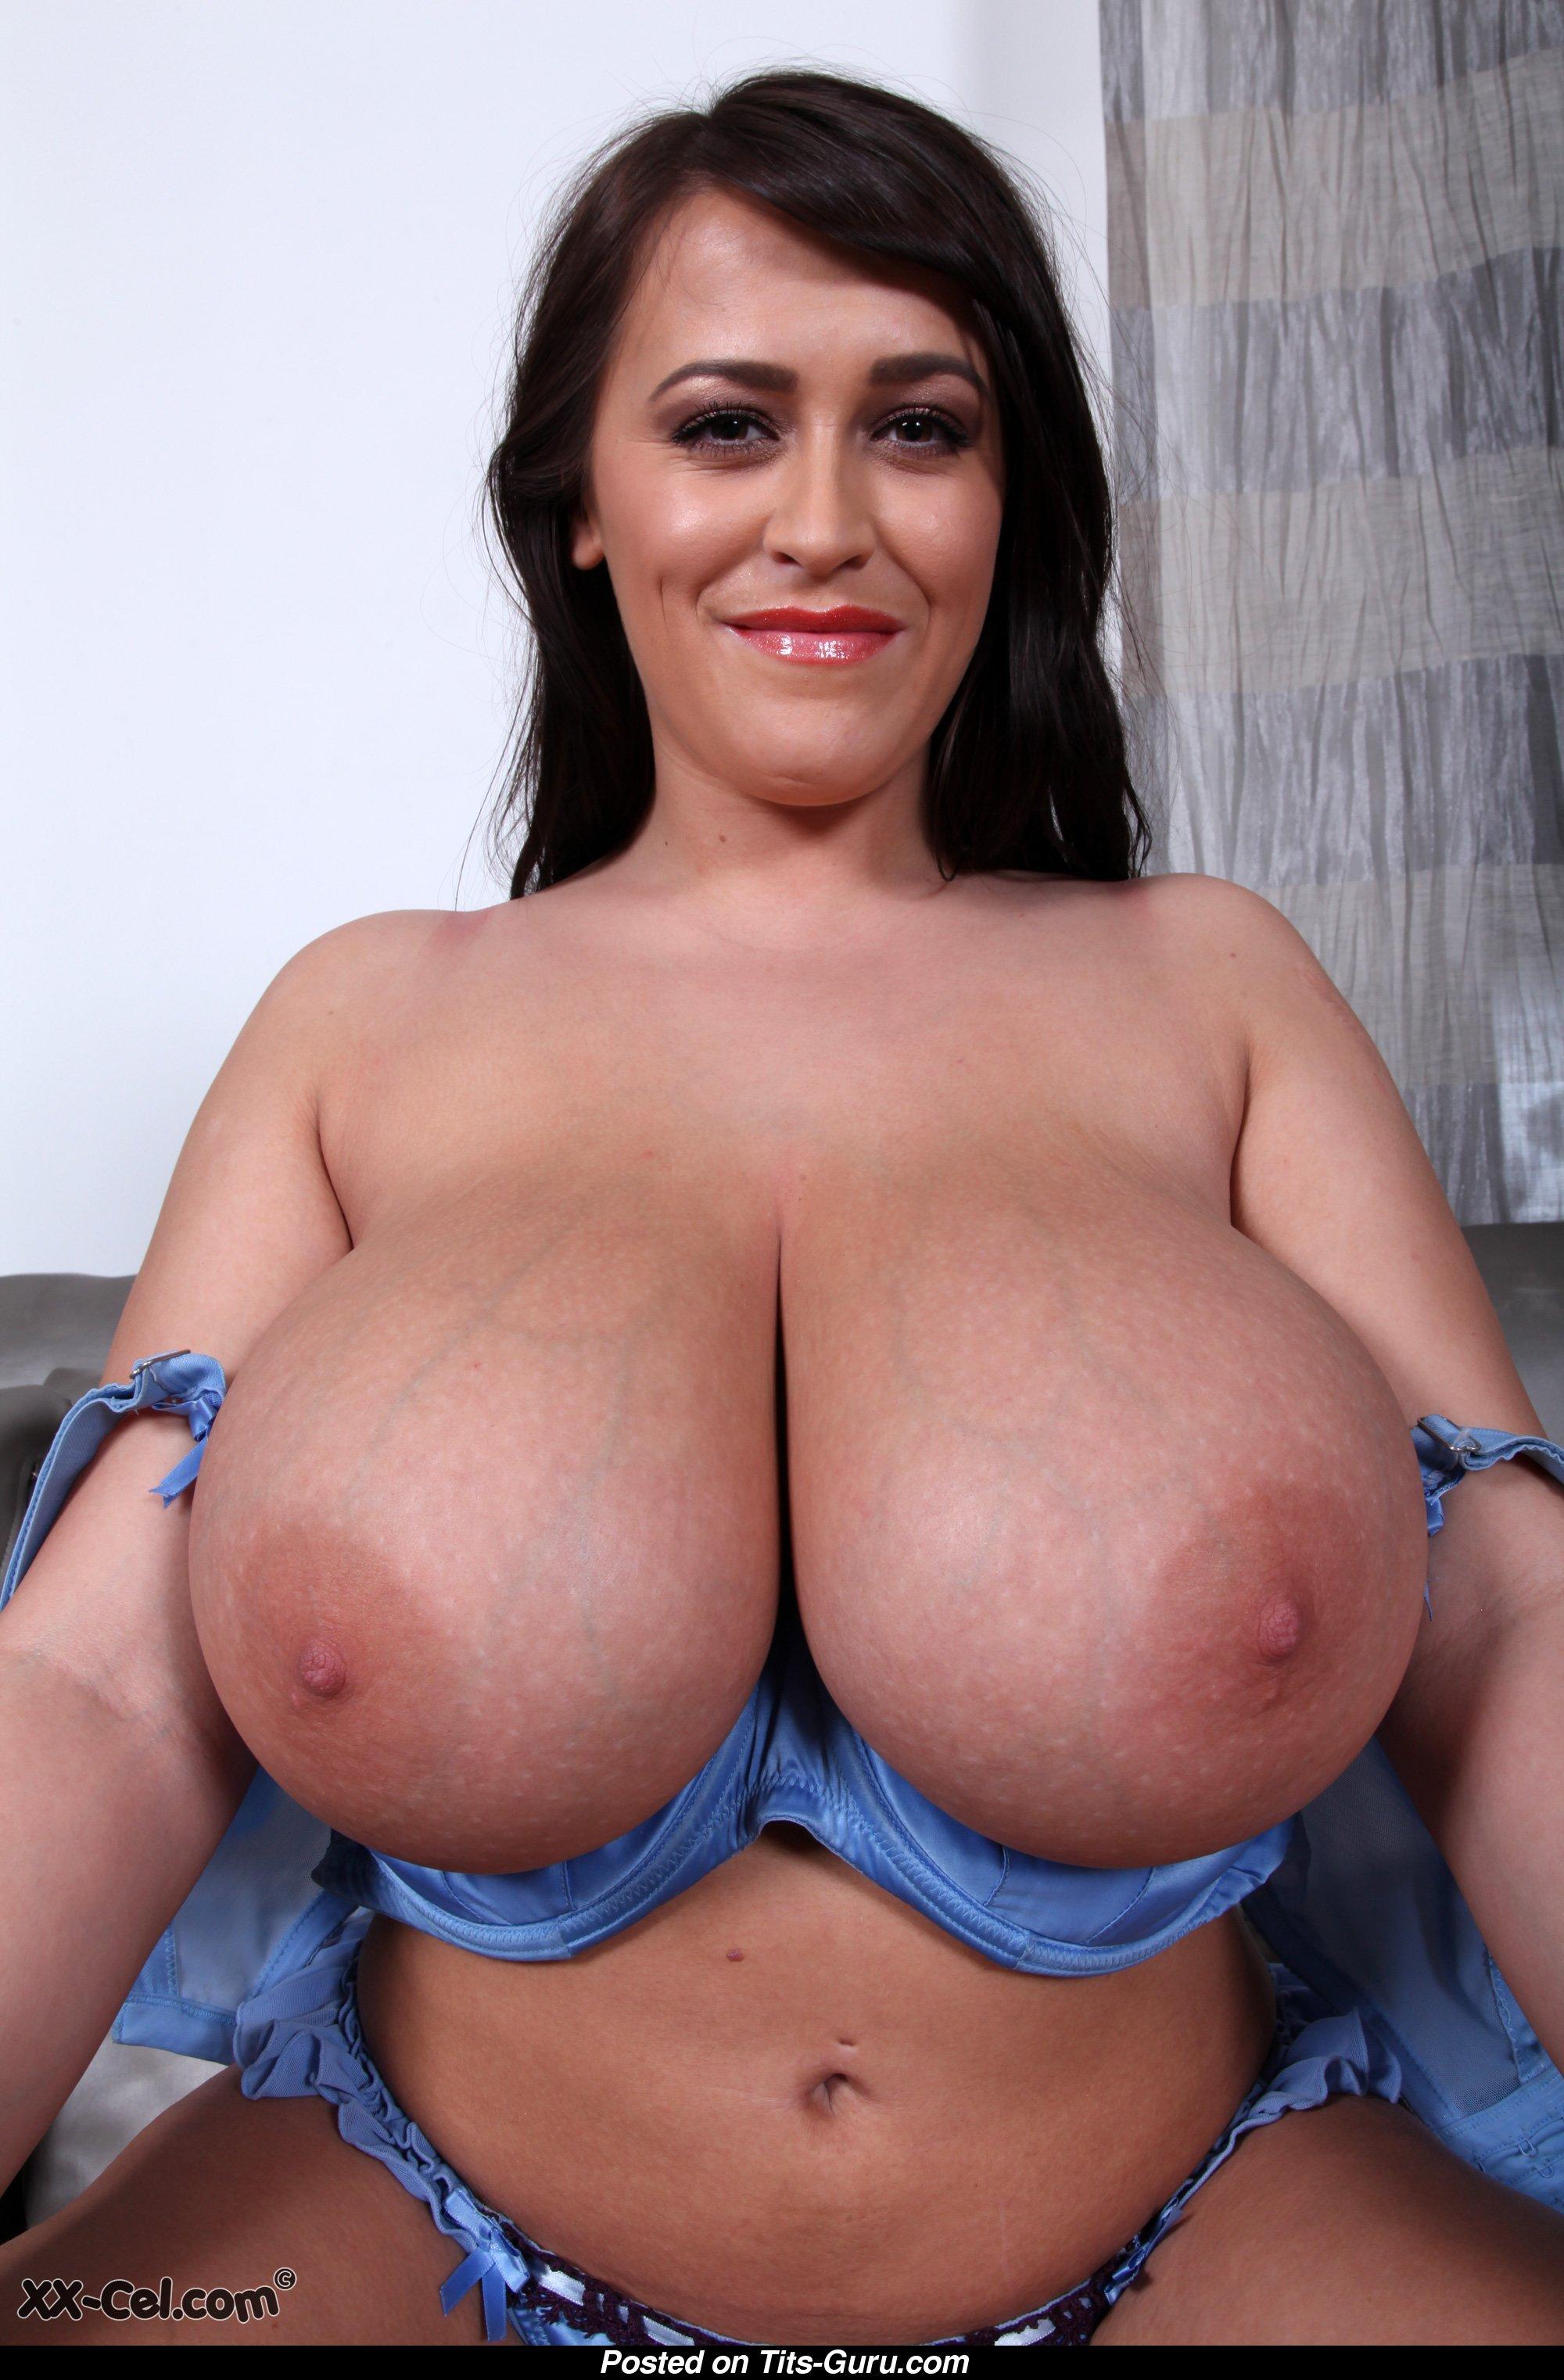 Leanne crow boobs